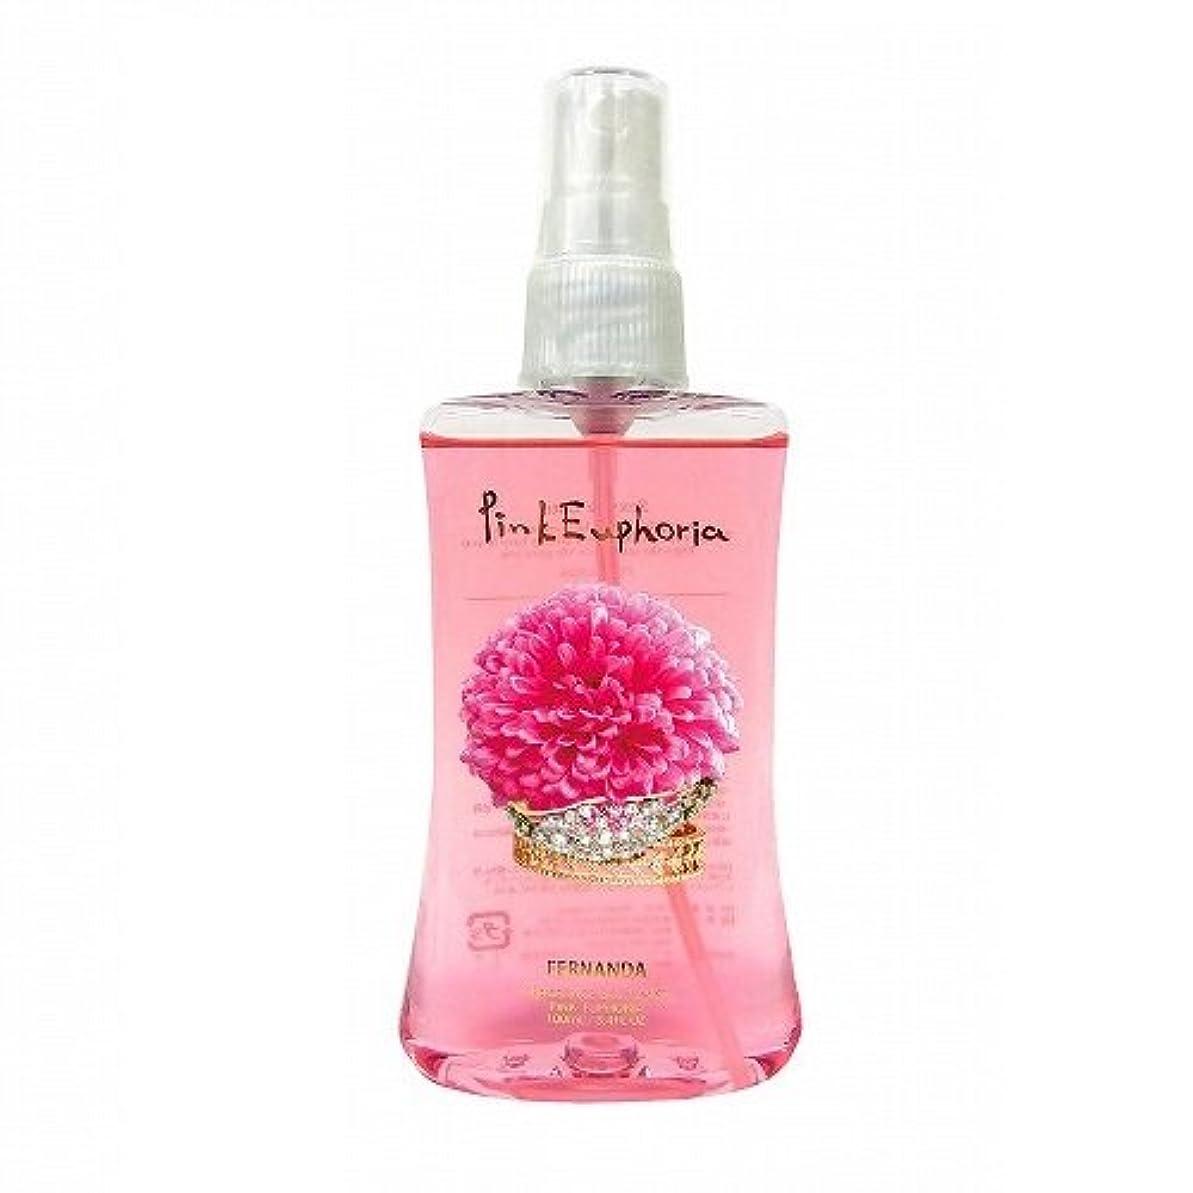 サービスフィールド消化器FERNANDA(フェルナンダ) Body Mist Pink Euphoria (ボディミスト ピンクエウフォリア)